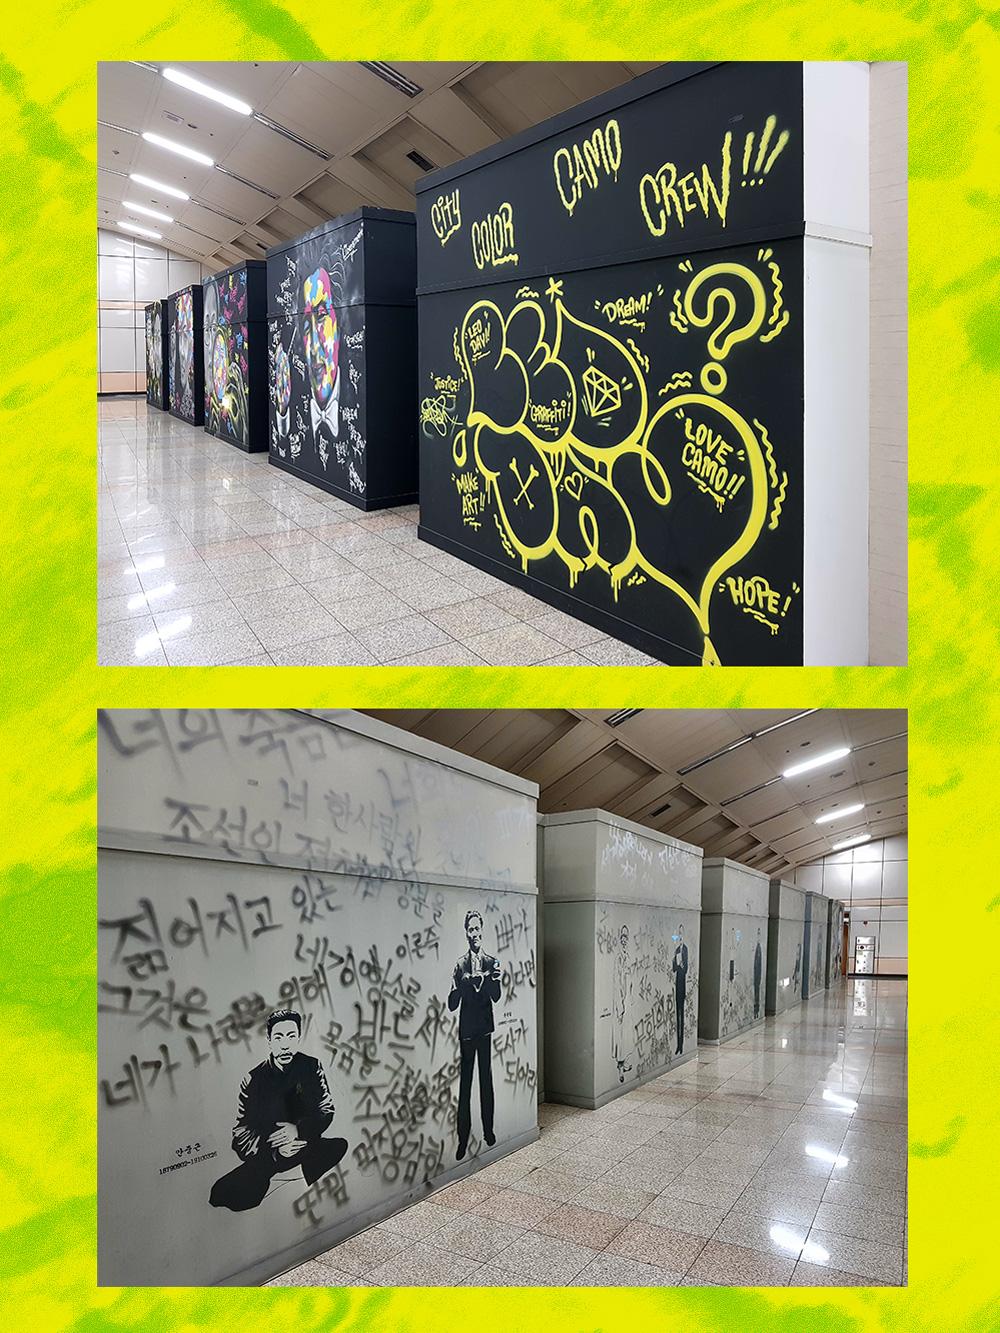 subway_art_noksapyeong3.jpg